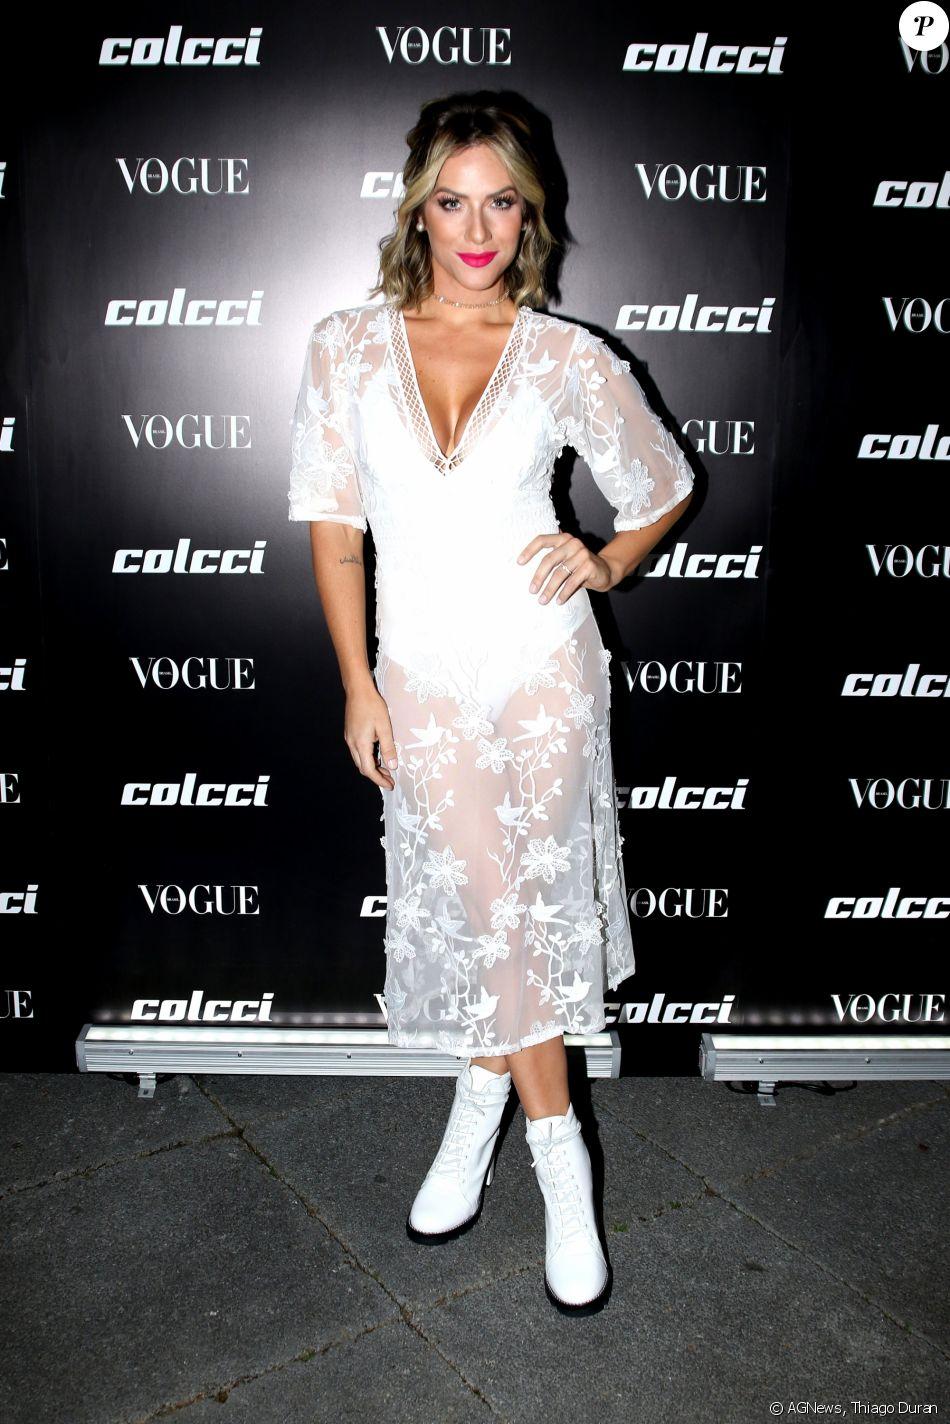 Giovanna Ewbank voltou a apostar na tendência das botas brancas no  lançamento da coleção primavera  400f26bf1c74e